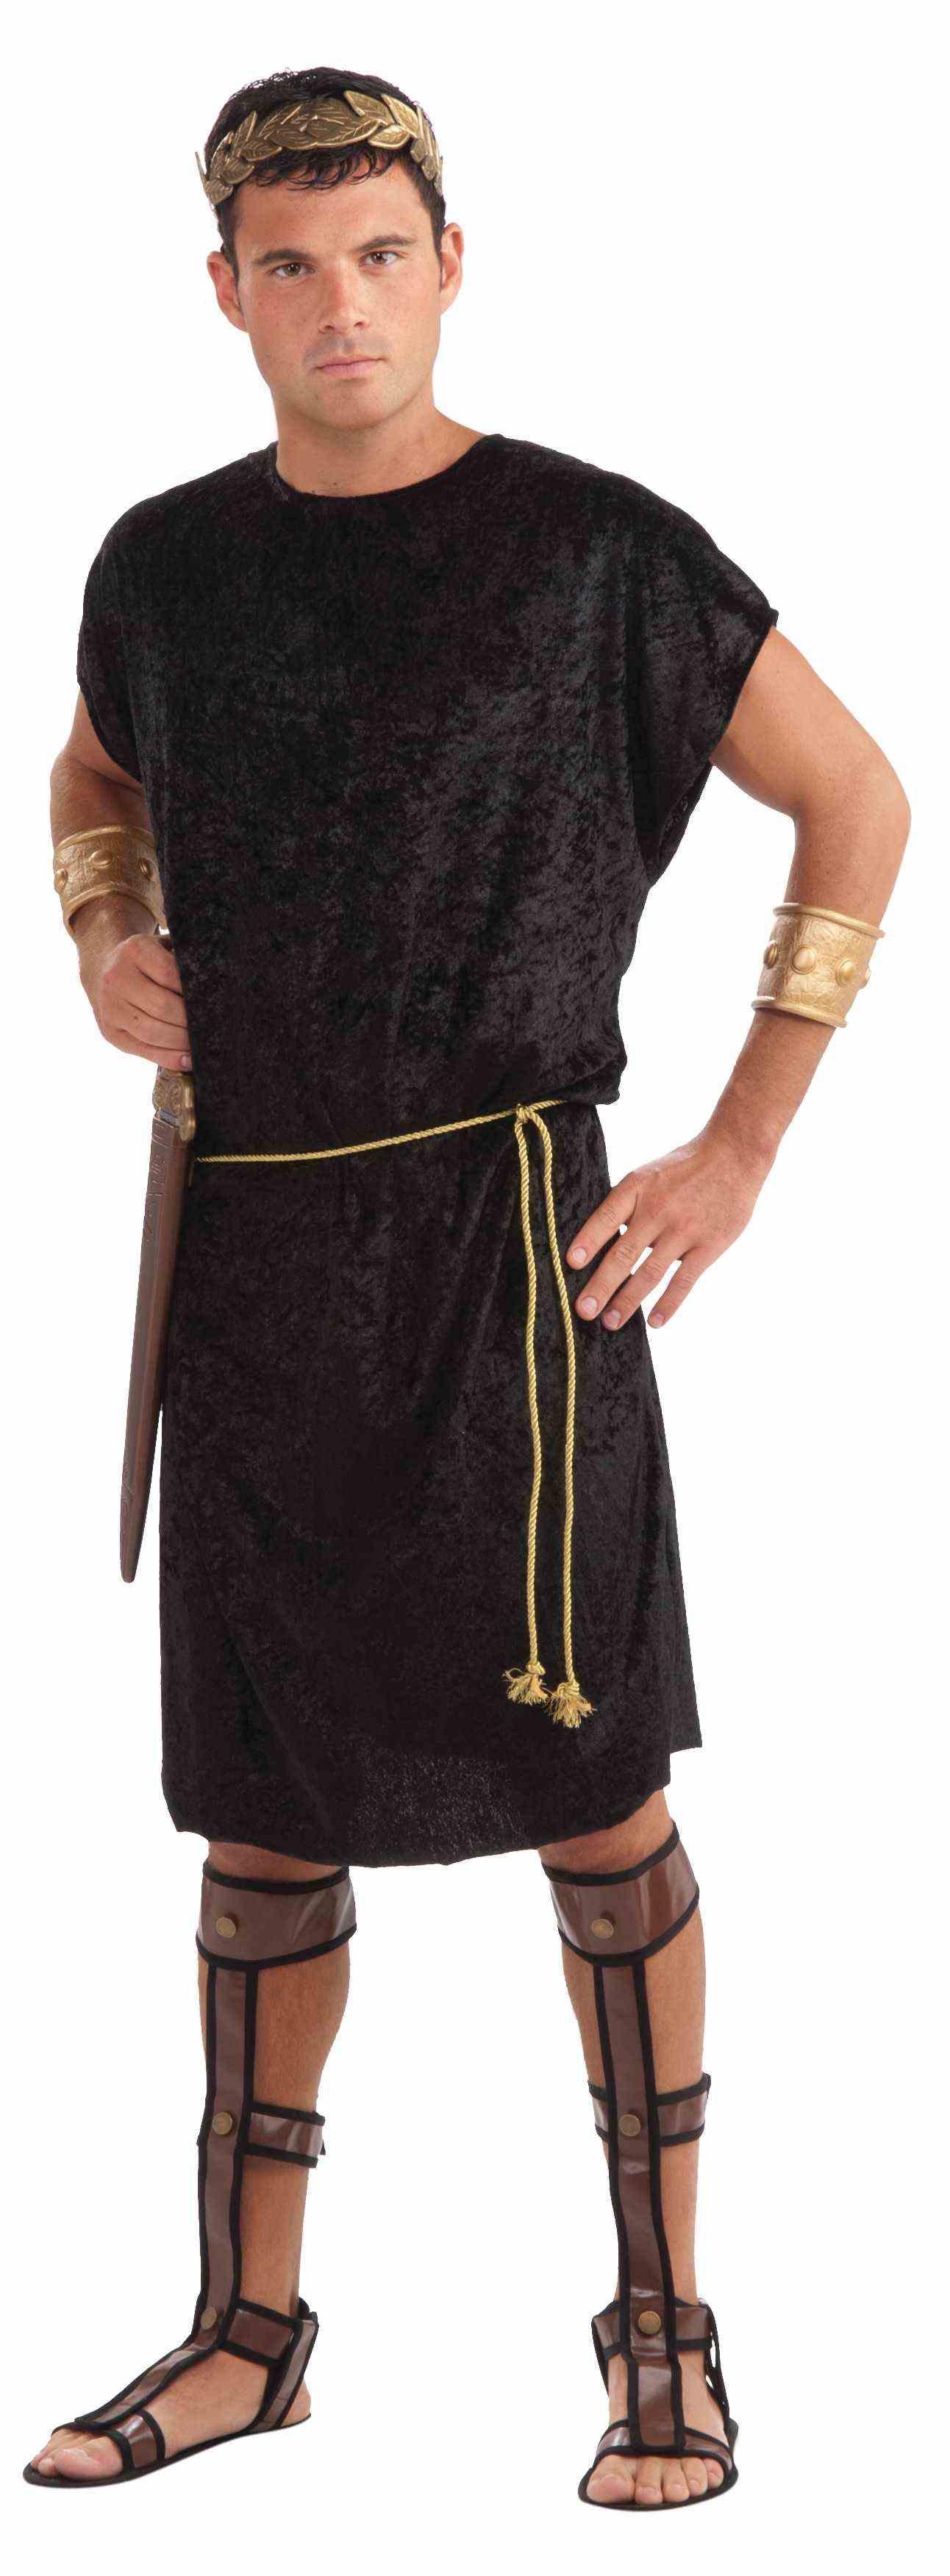 стихах мужской костюм древней греции фото придания